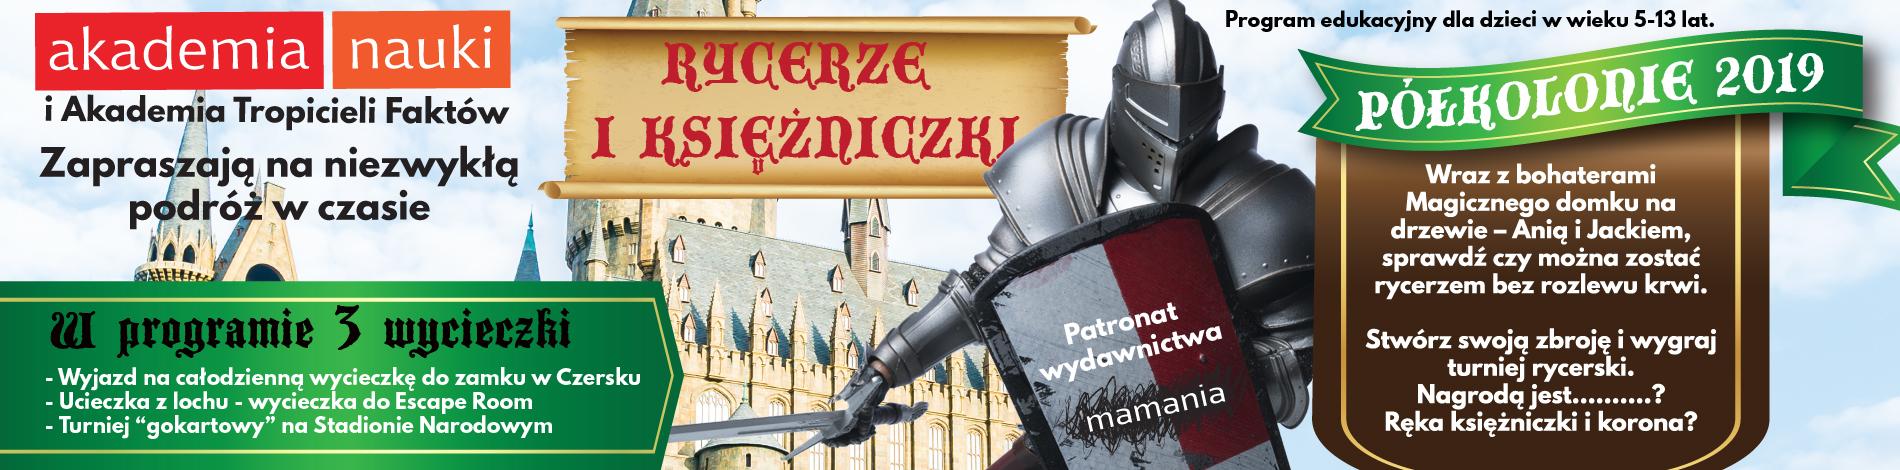 półkolonie dla dzieci akademia nauki Warszawa rycerze i księżniczki